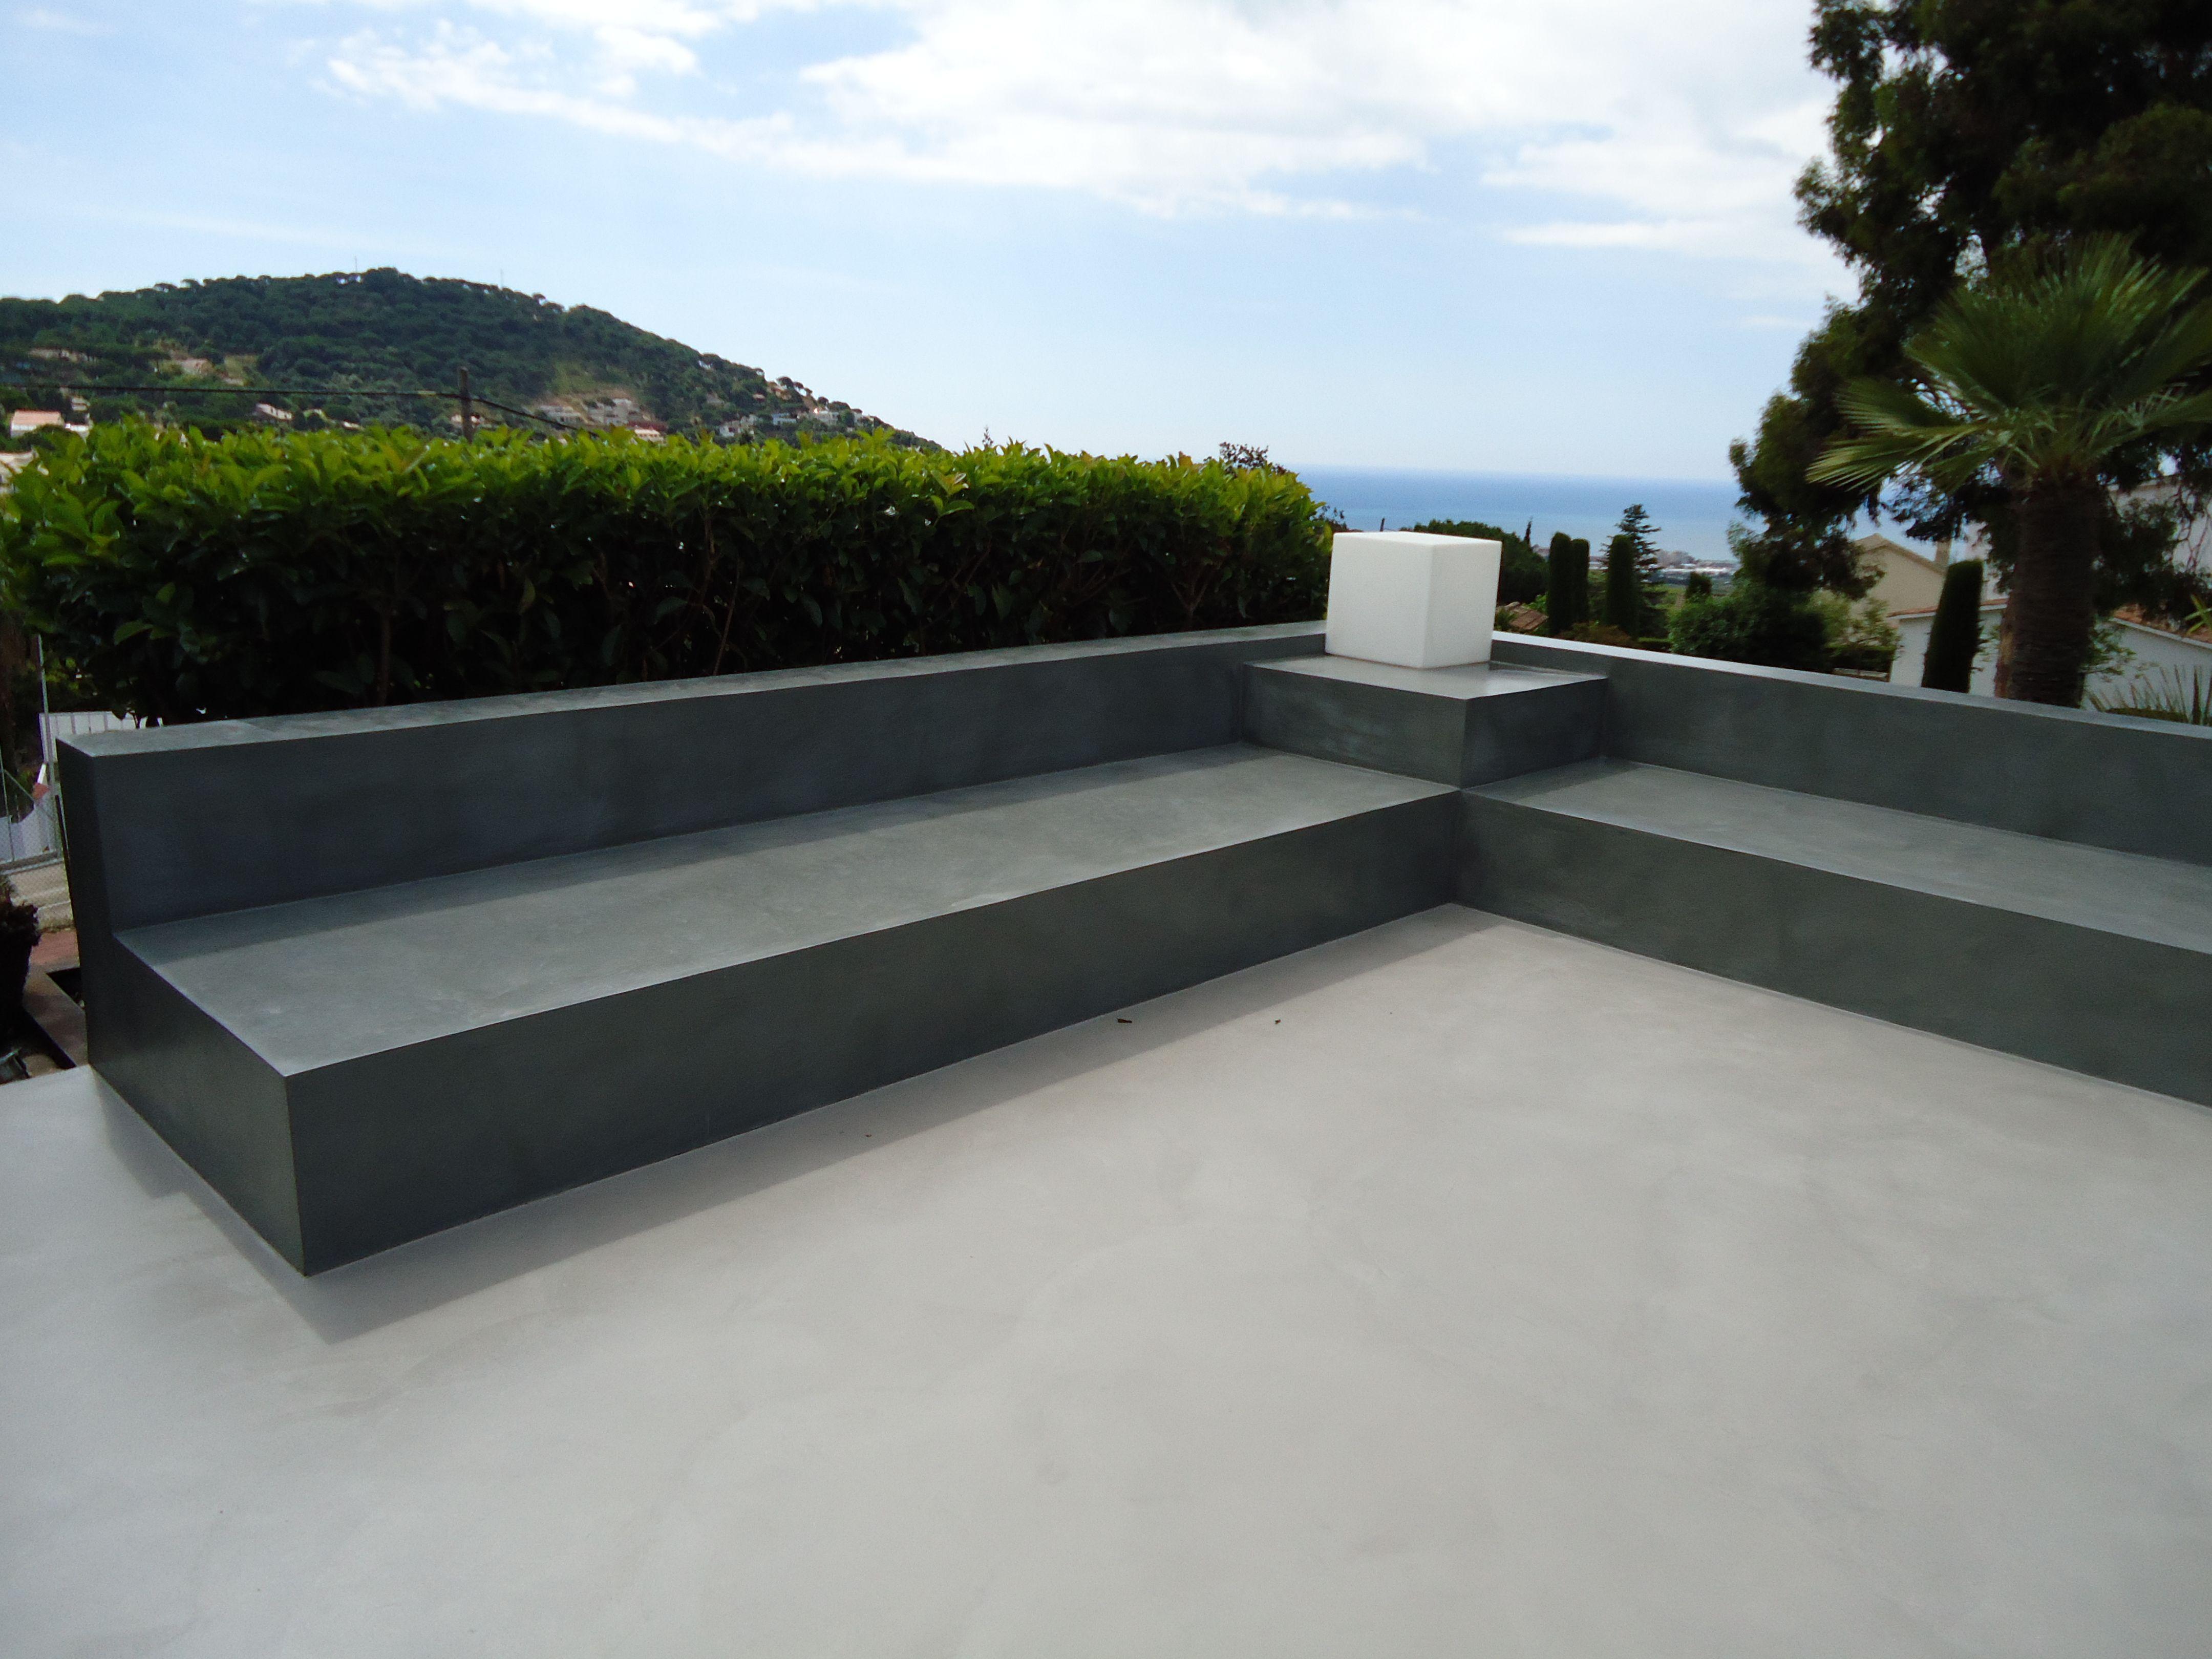 Bancos y suelo exterior de microcemento gris acero a la cabeza de la vanguardia exteriores - Microcemento para exterior ...